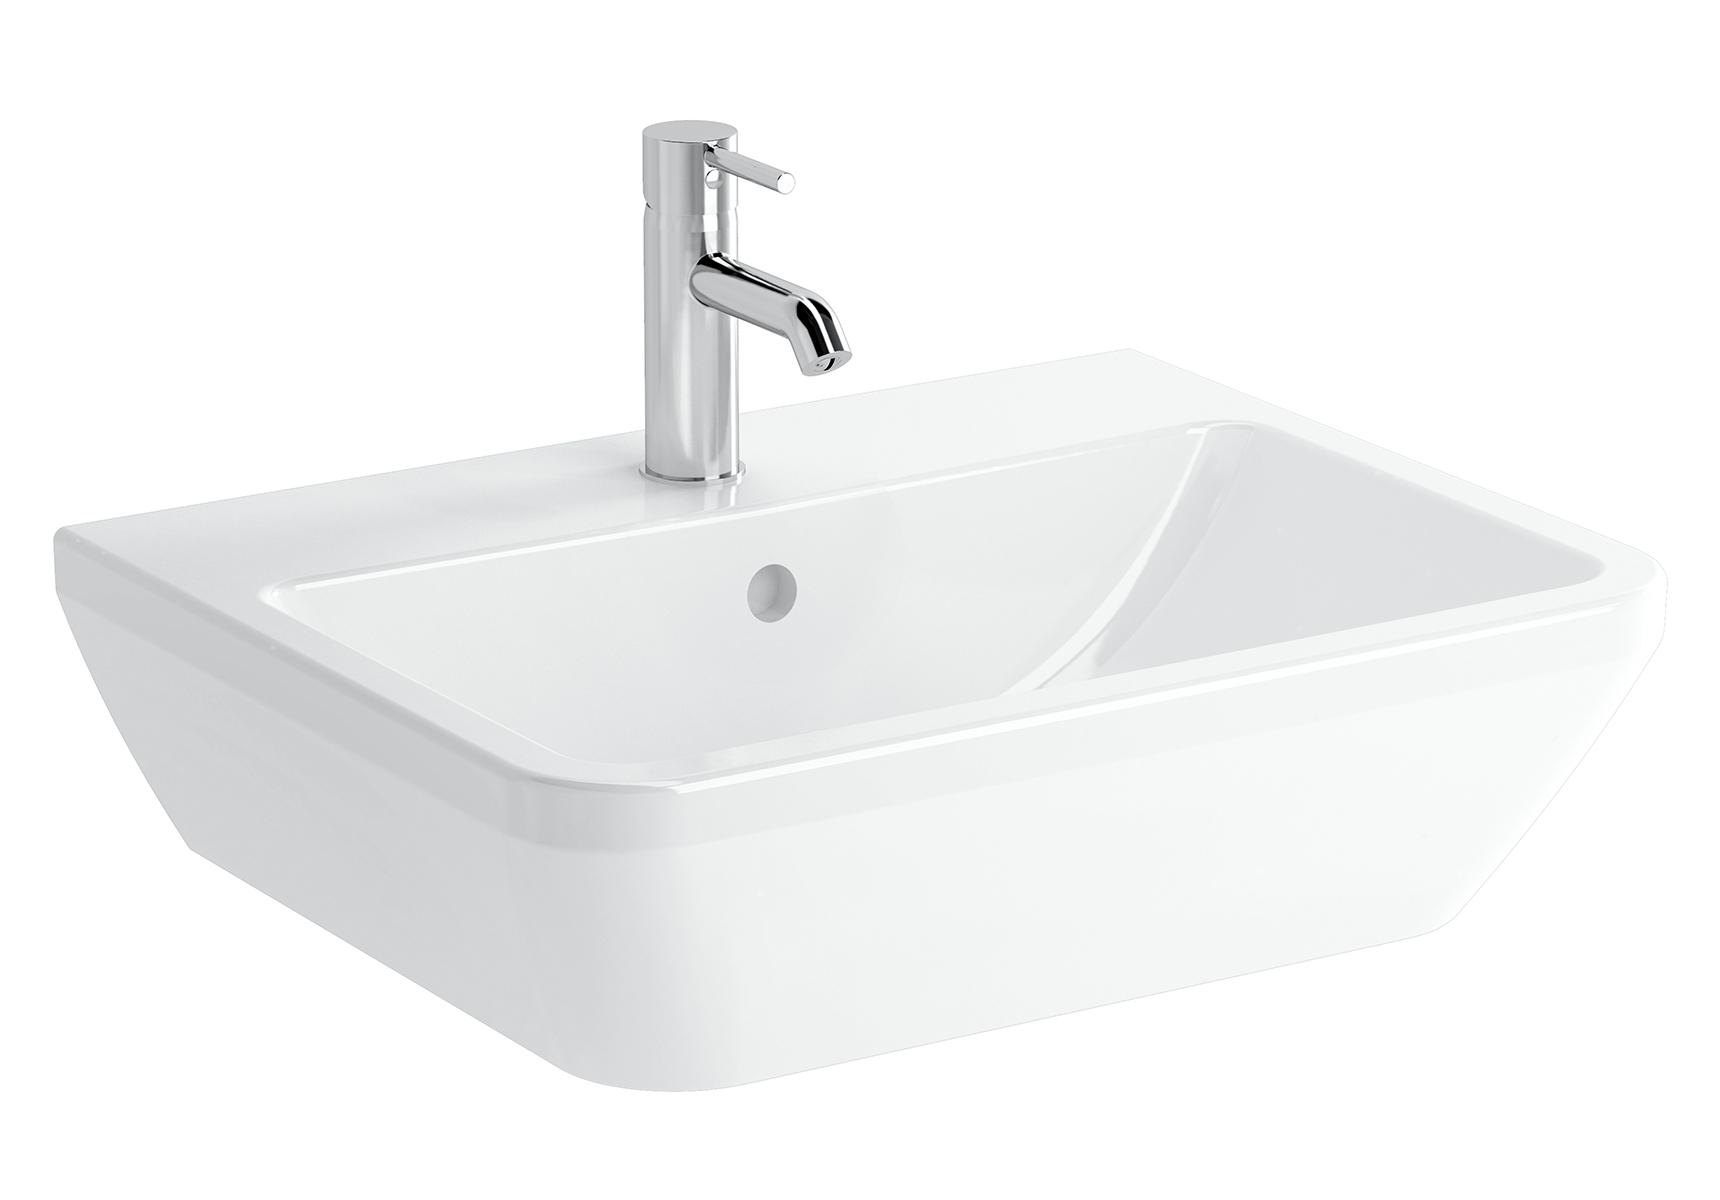 Integra lavabo carré, 60 cm, avec trou de robinet, sans trop-plein